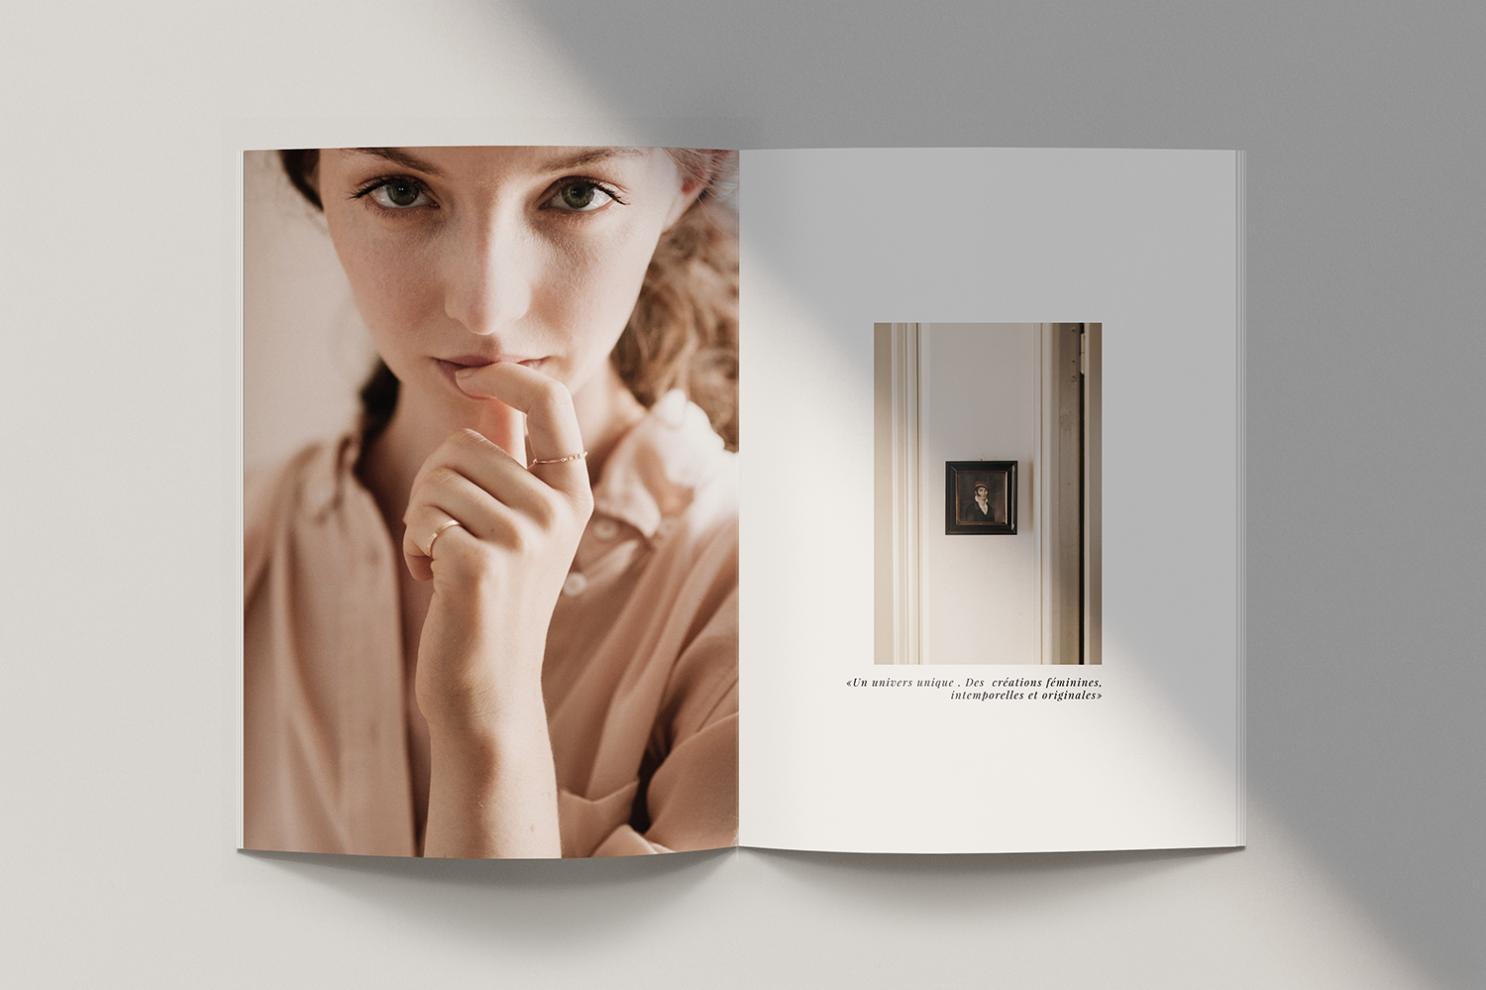 STUDIO QUOTIDIEN - Agence Créative - Direction artistique - Identité visuelle - Photographie - Stylisme - Réseaux sociaux - Lyon